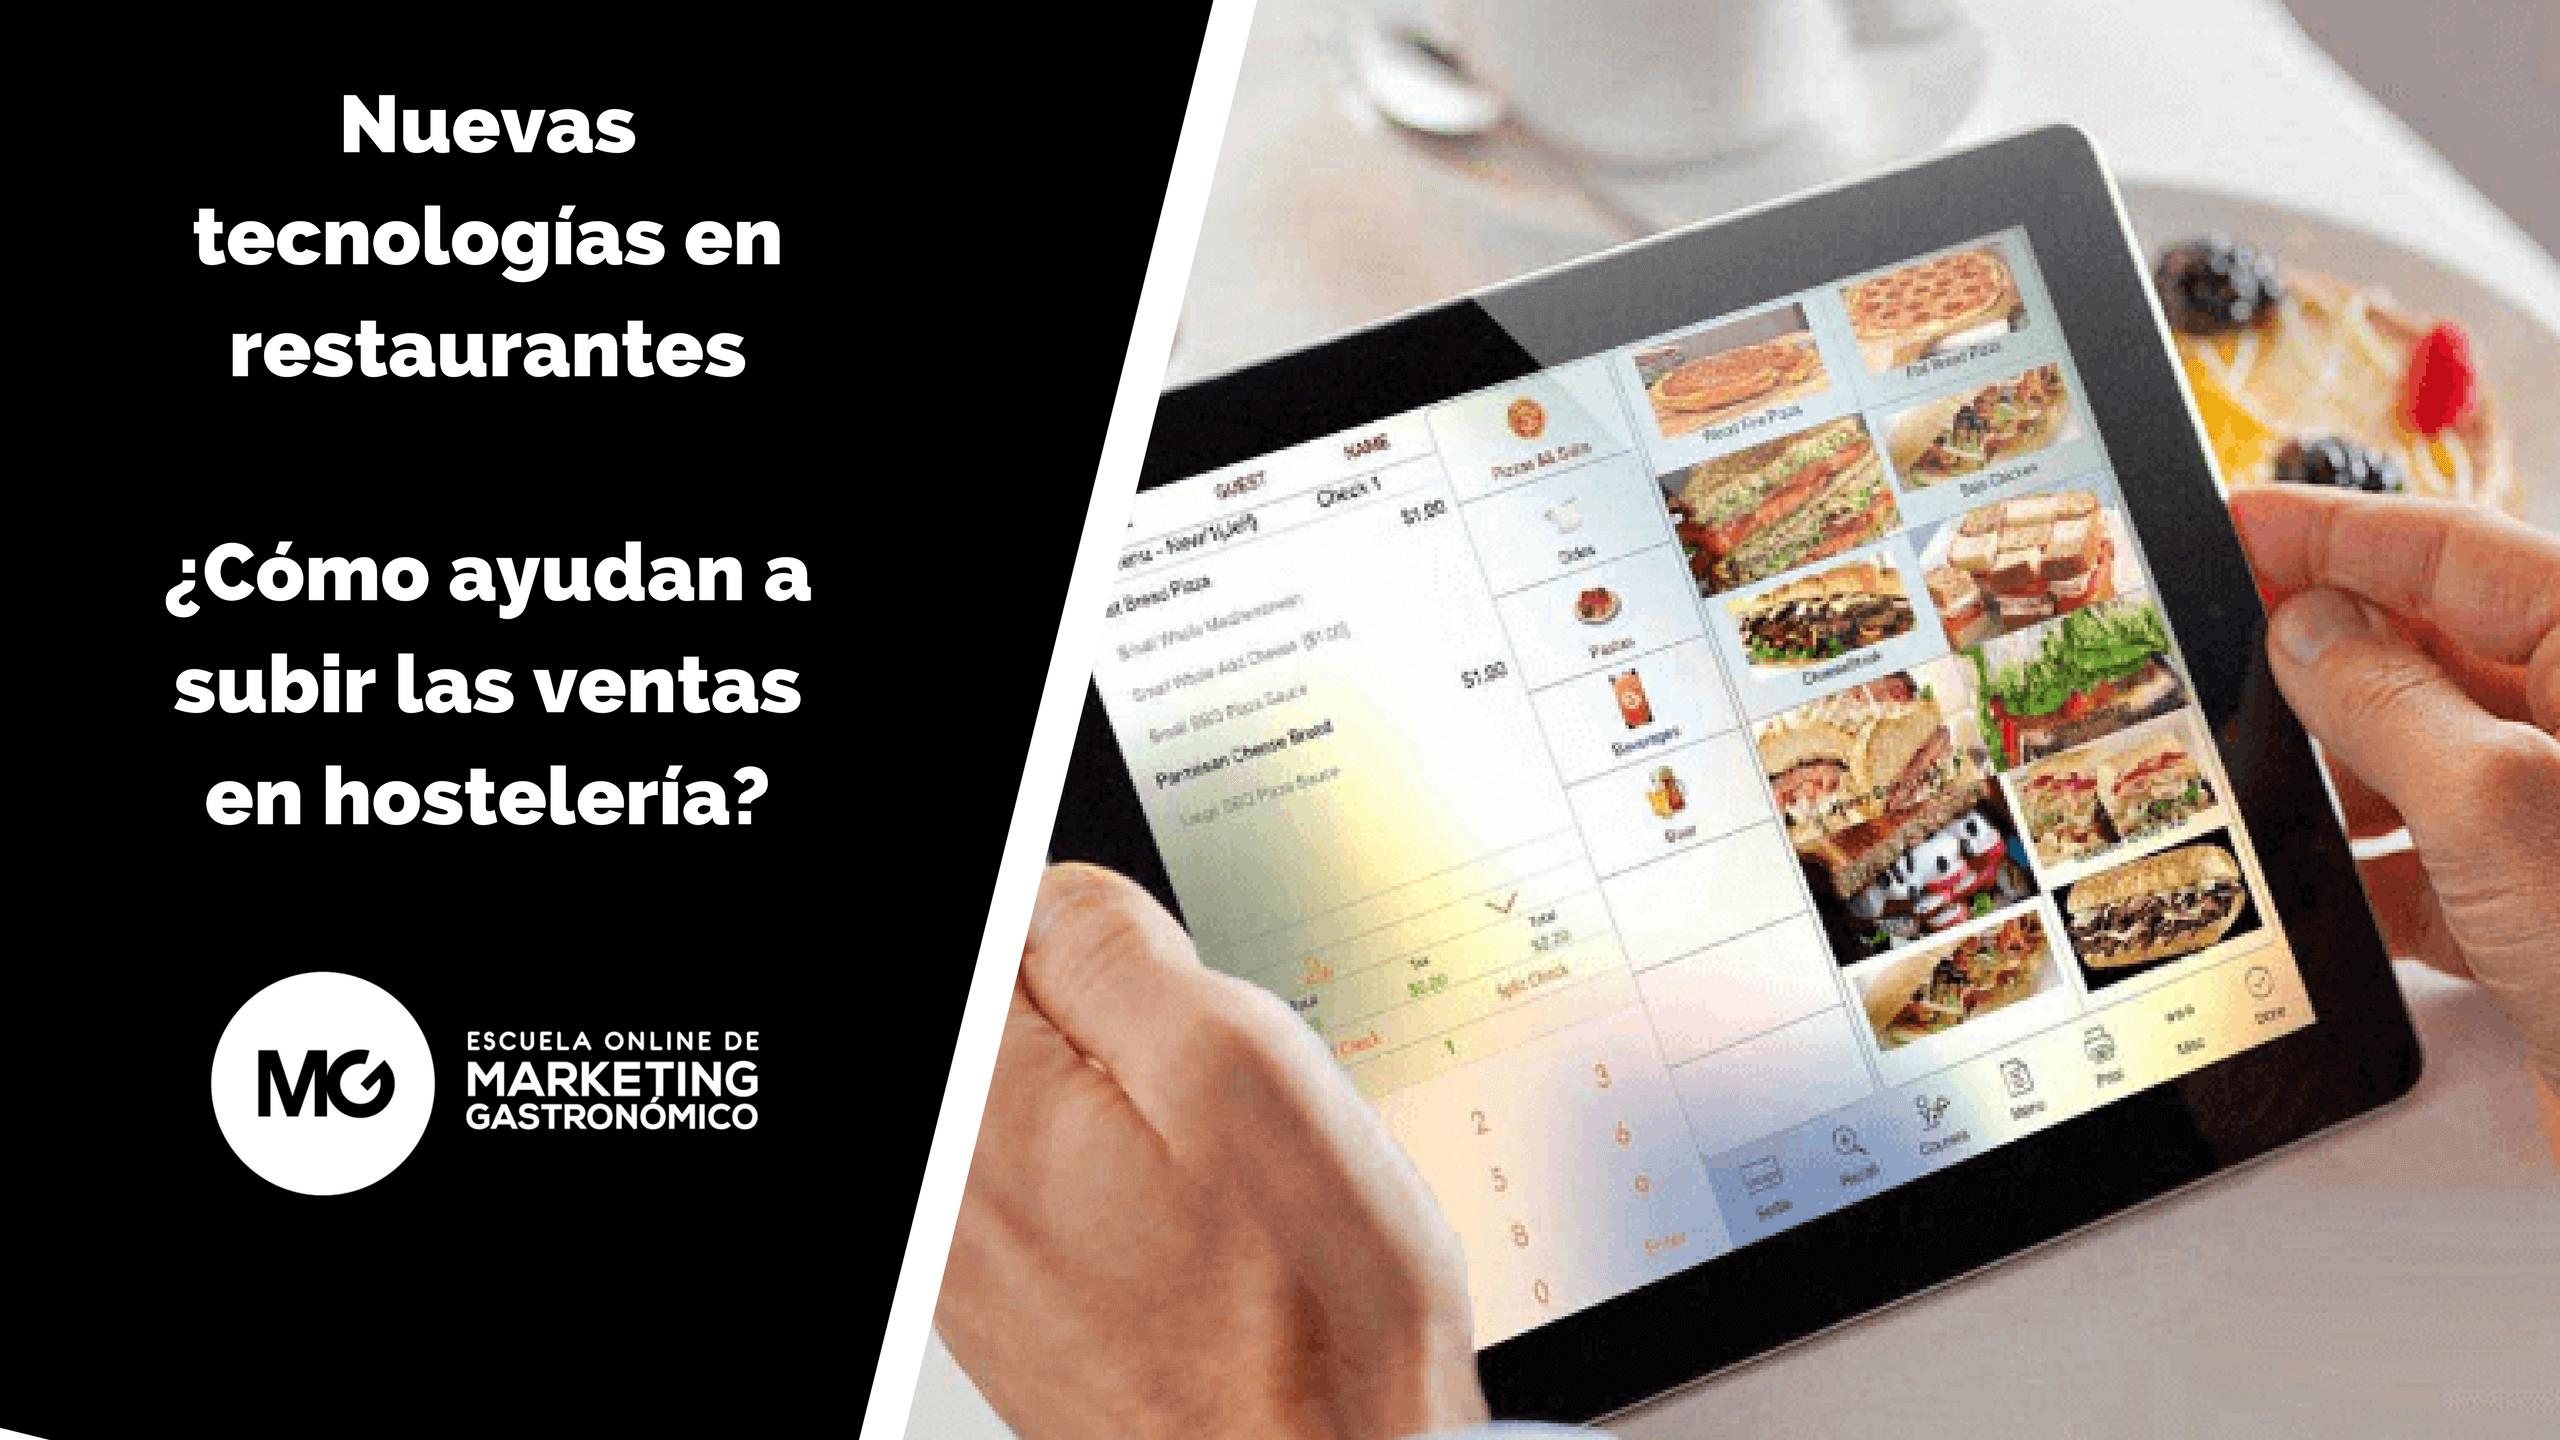 Nuevas tecnologías en restaurantes ¿Cómo ayudan a subir ventas?